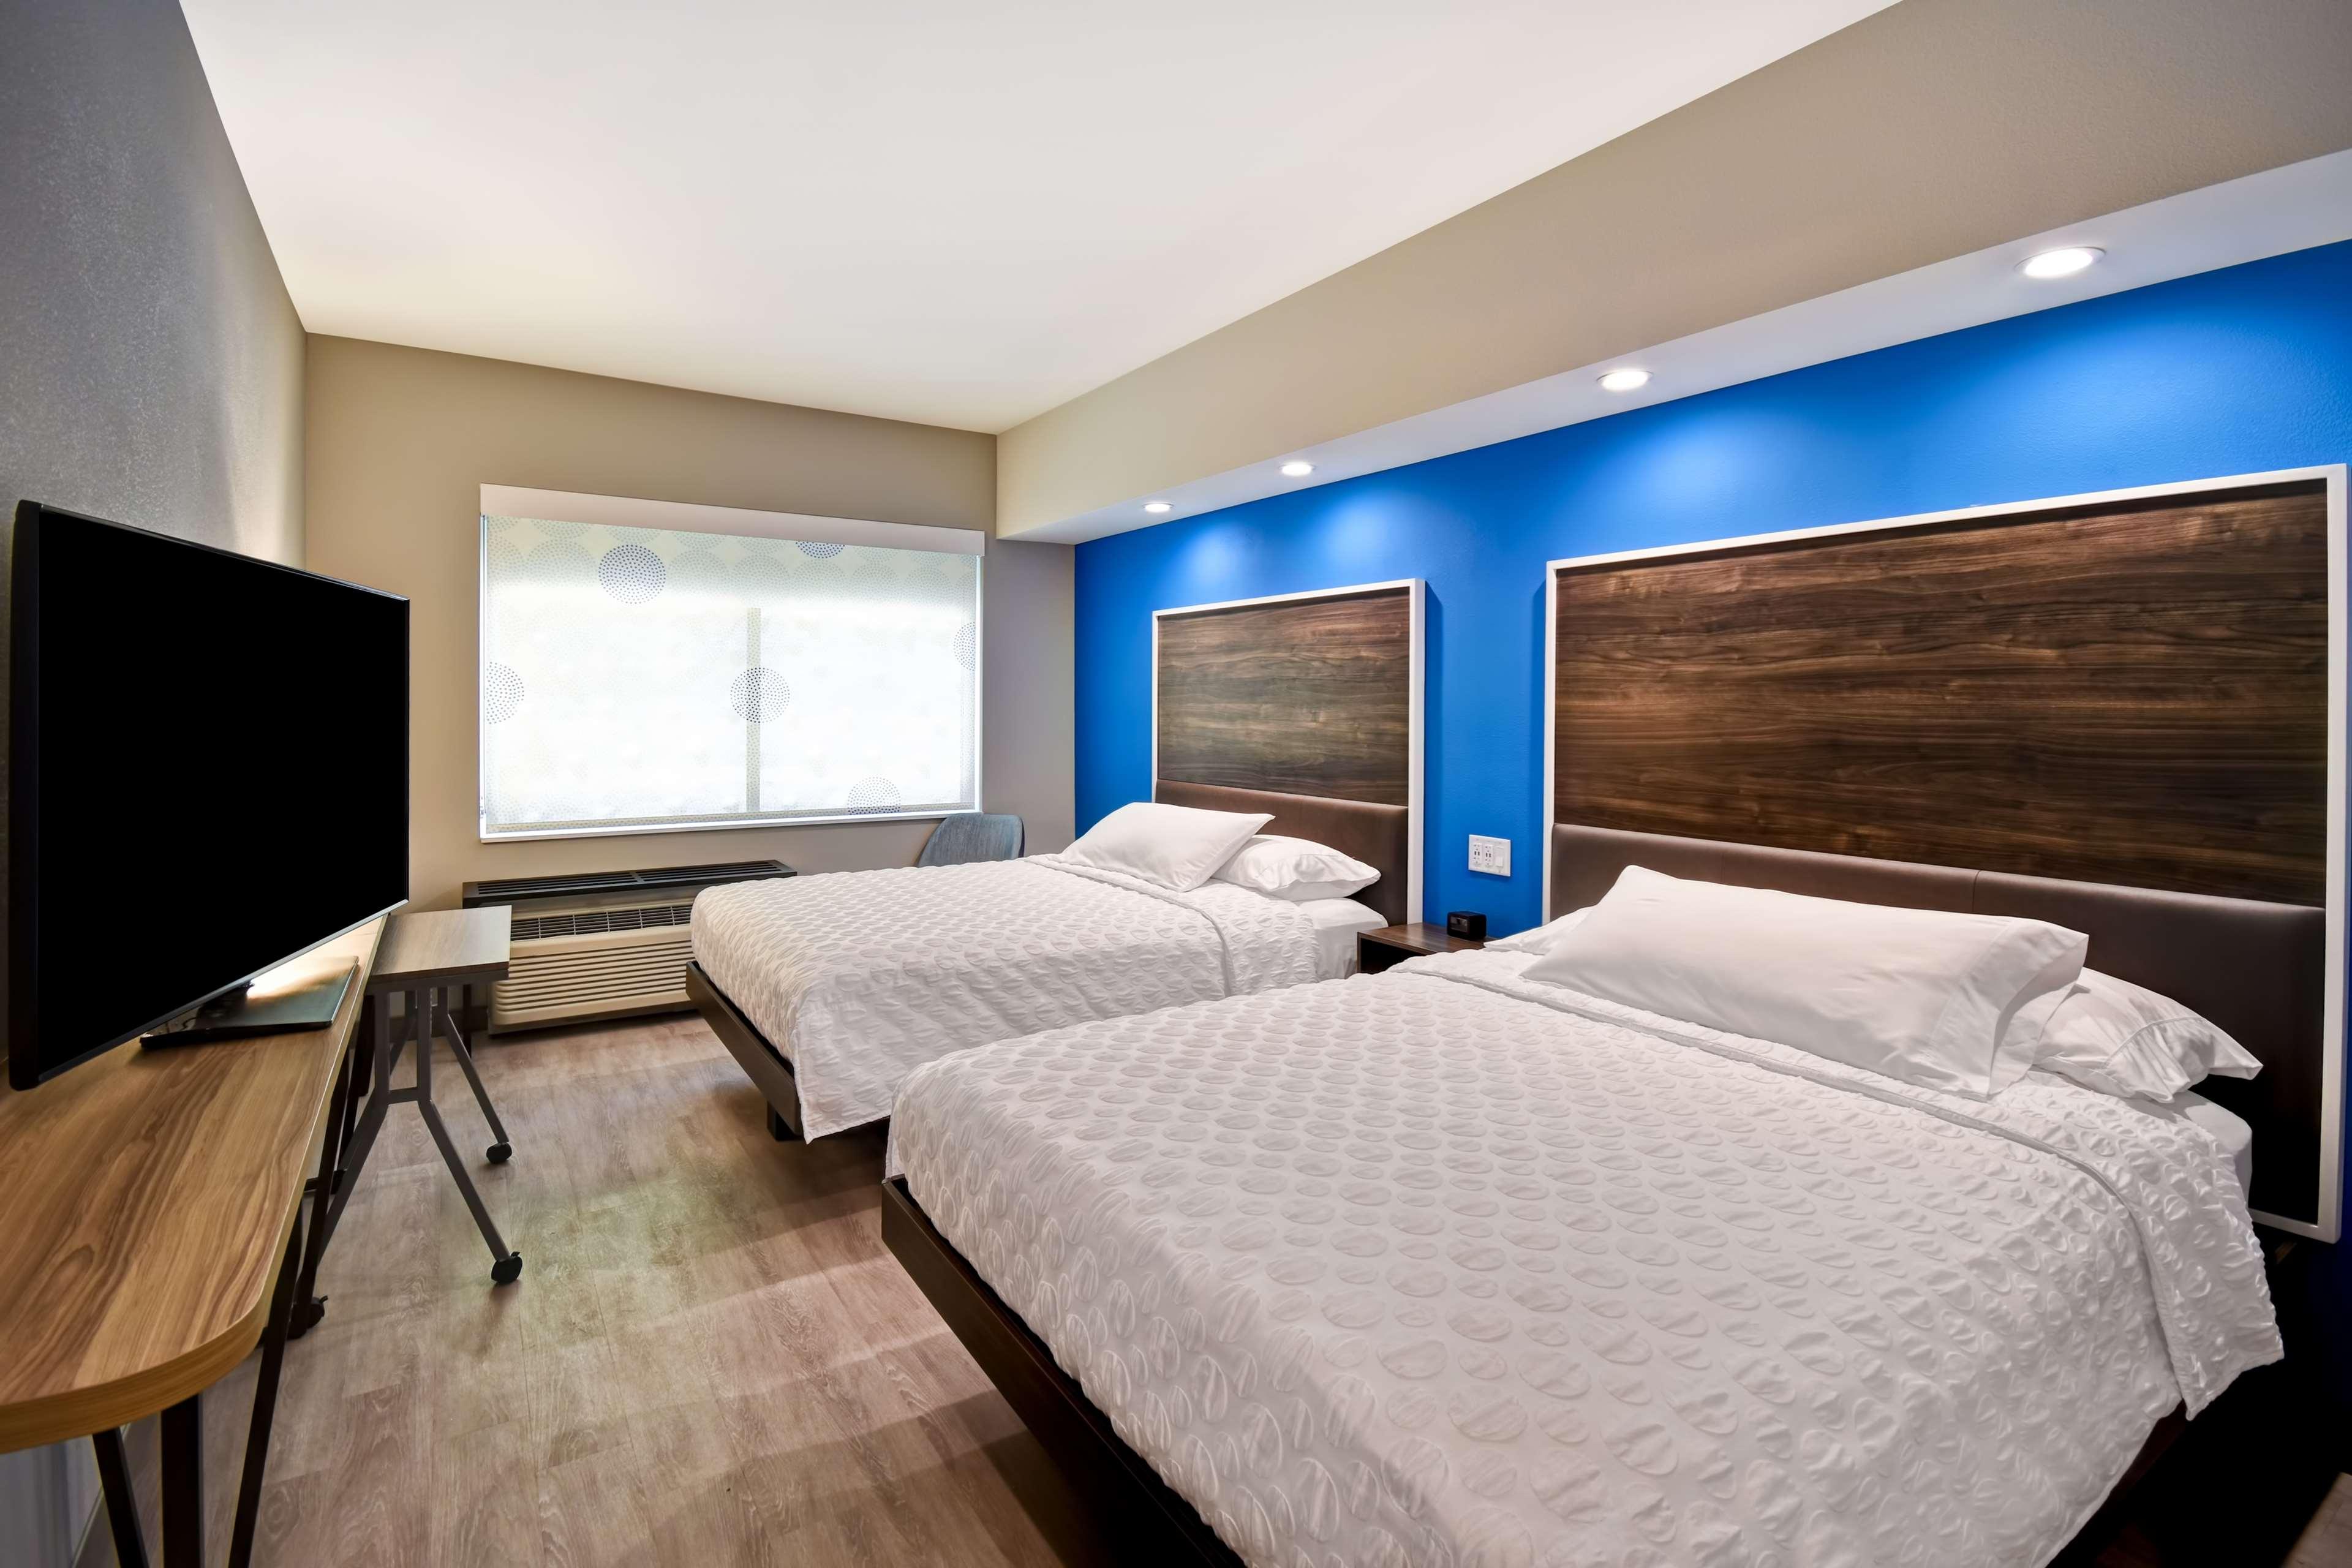 Tru by Hilton Deadwood image 27